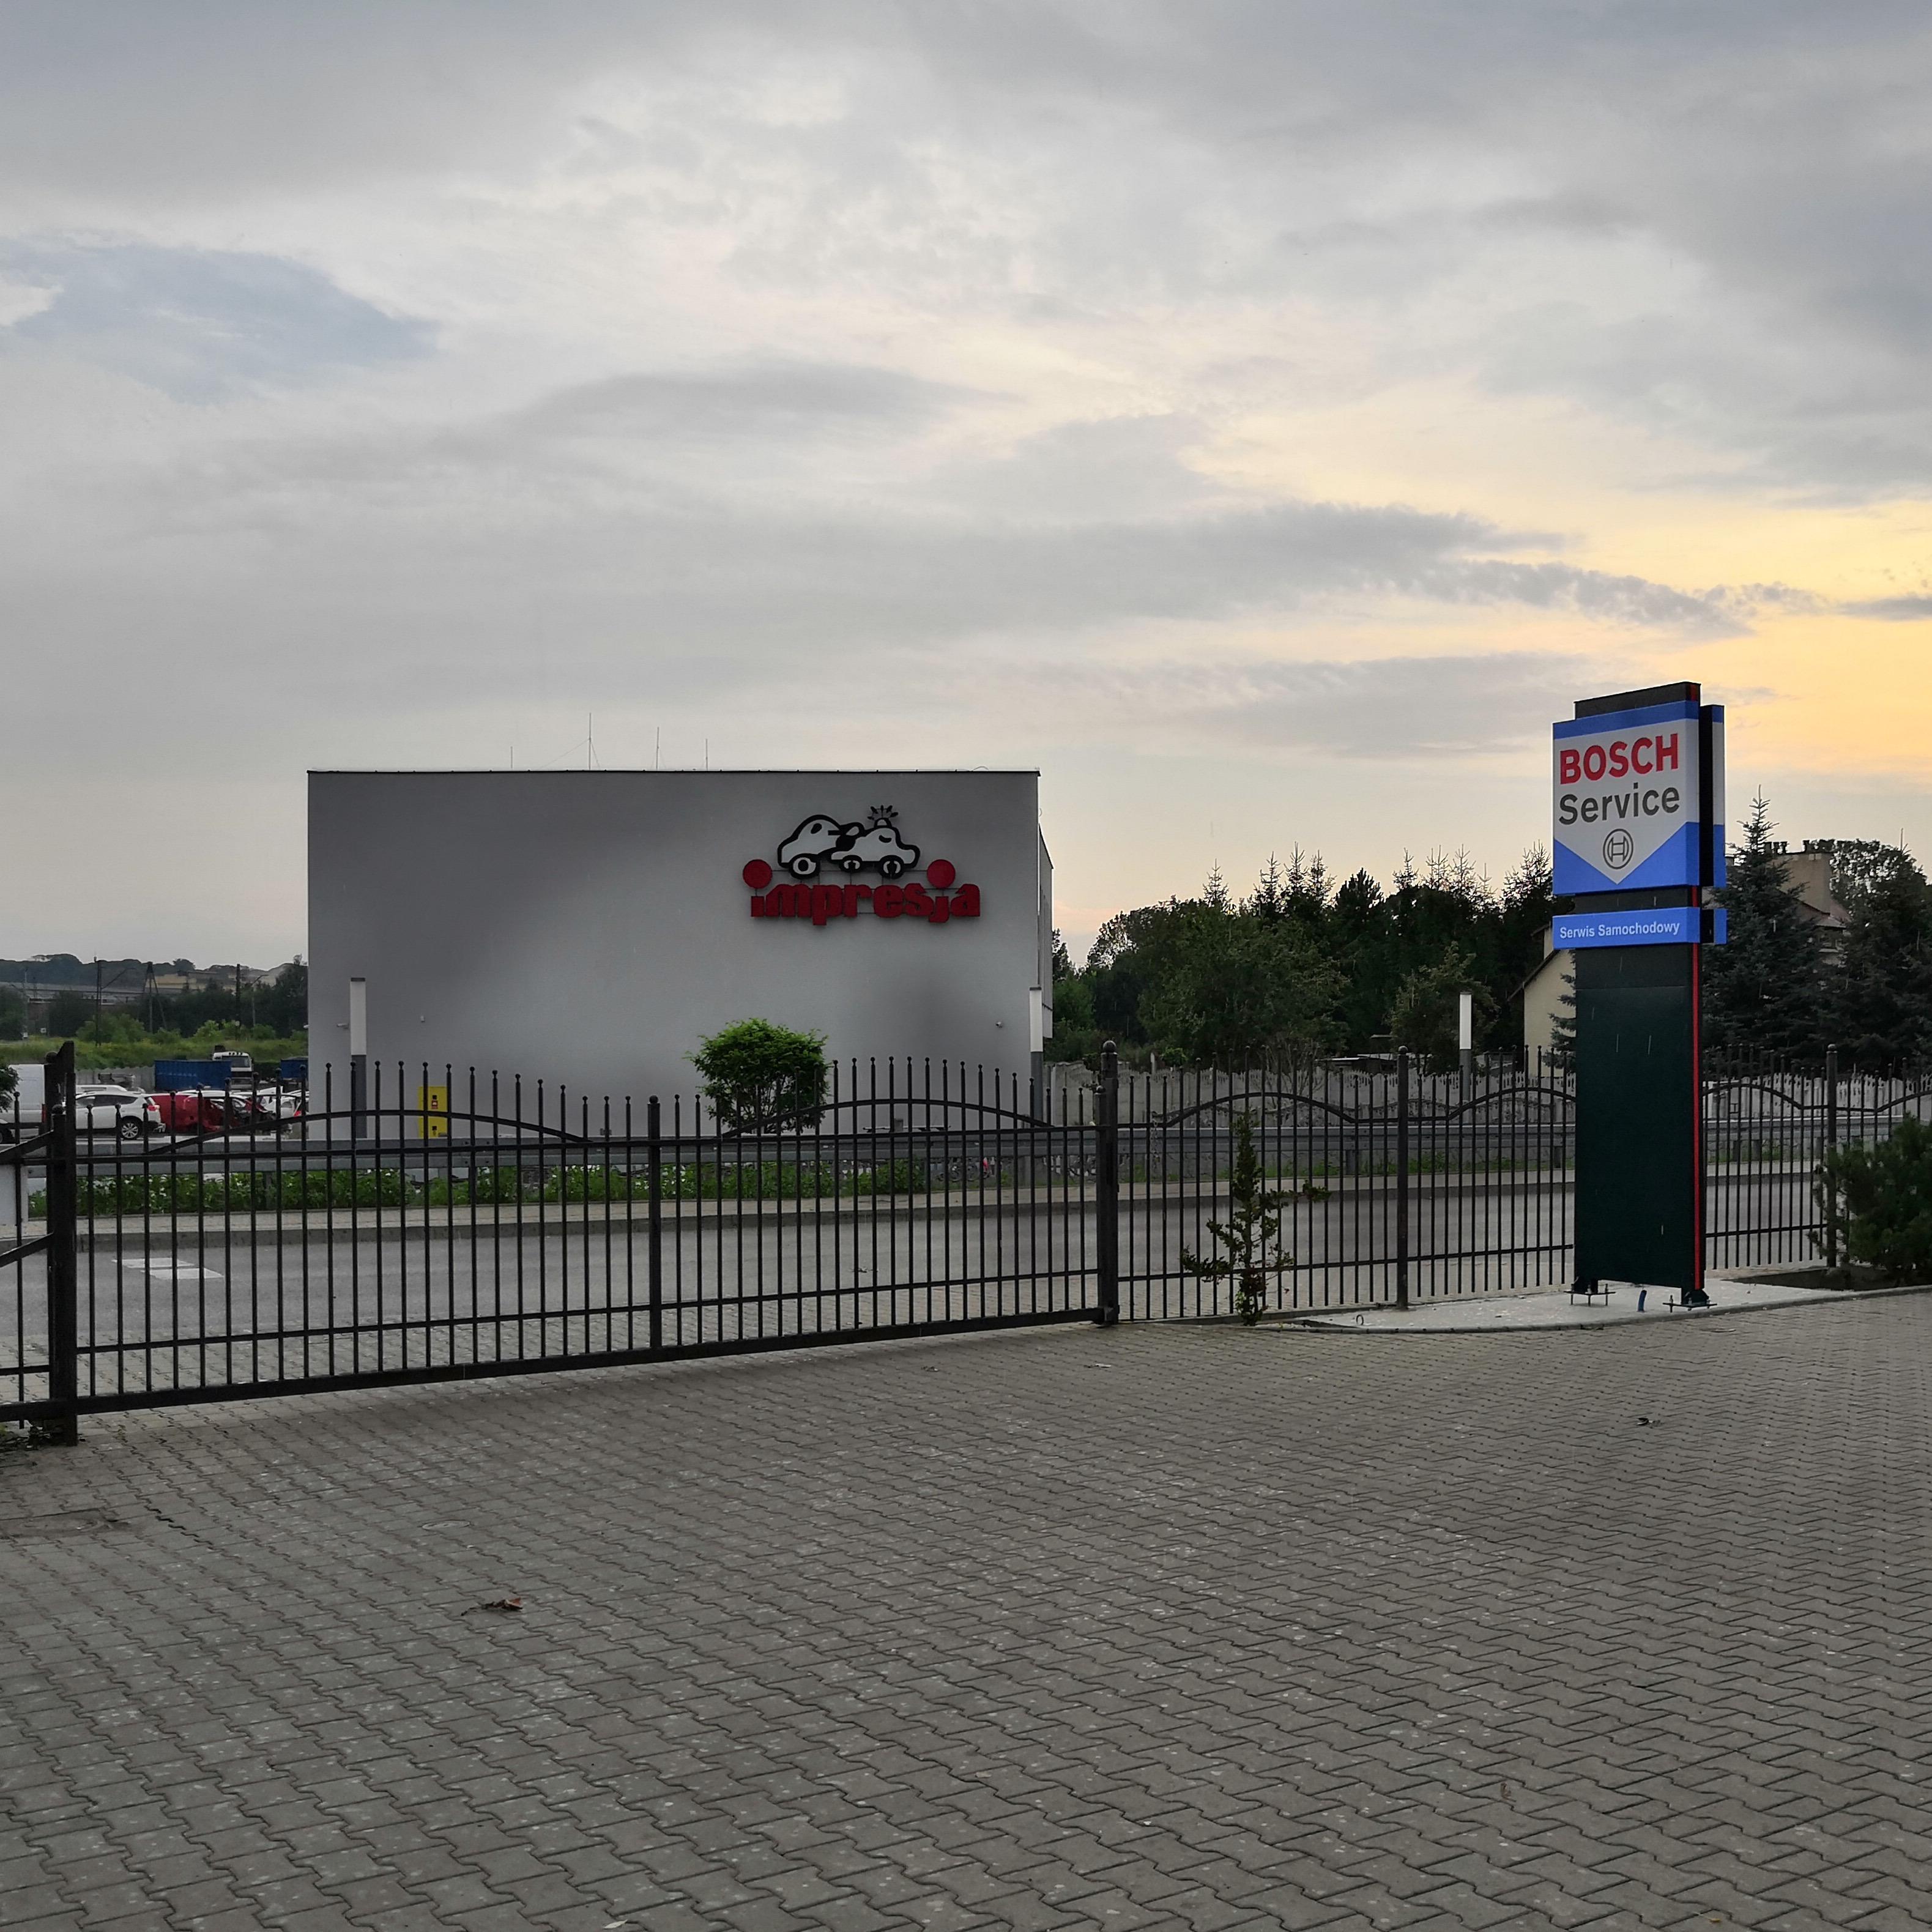 Bosch Serwis Samochodowy IMPRESJA Rafał Jaśkowiec photo-0